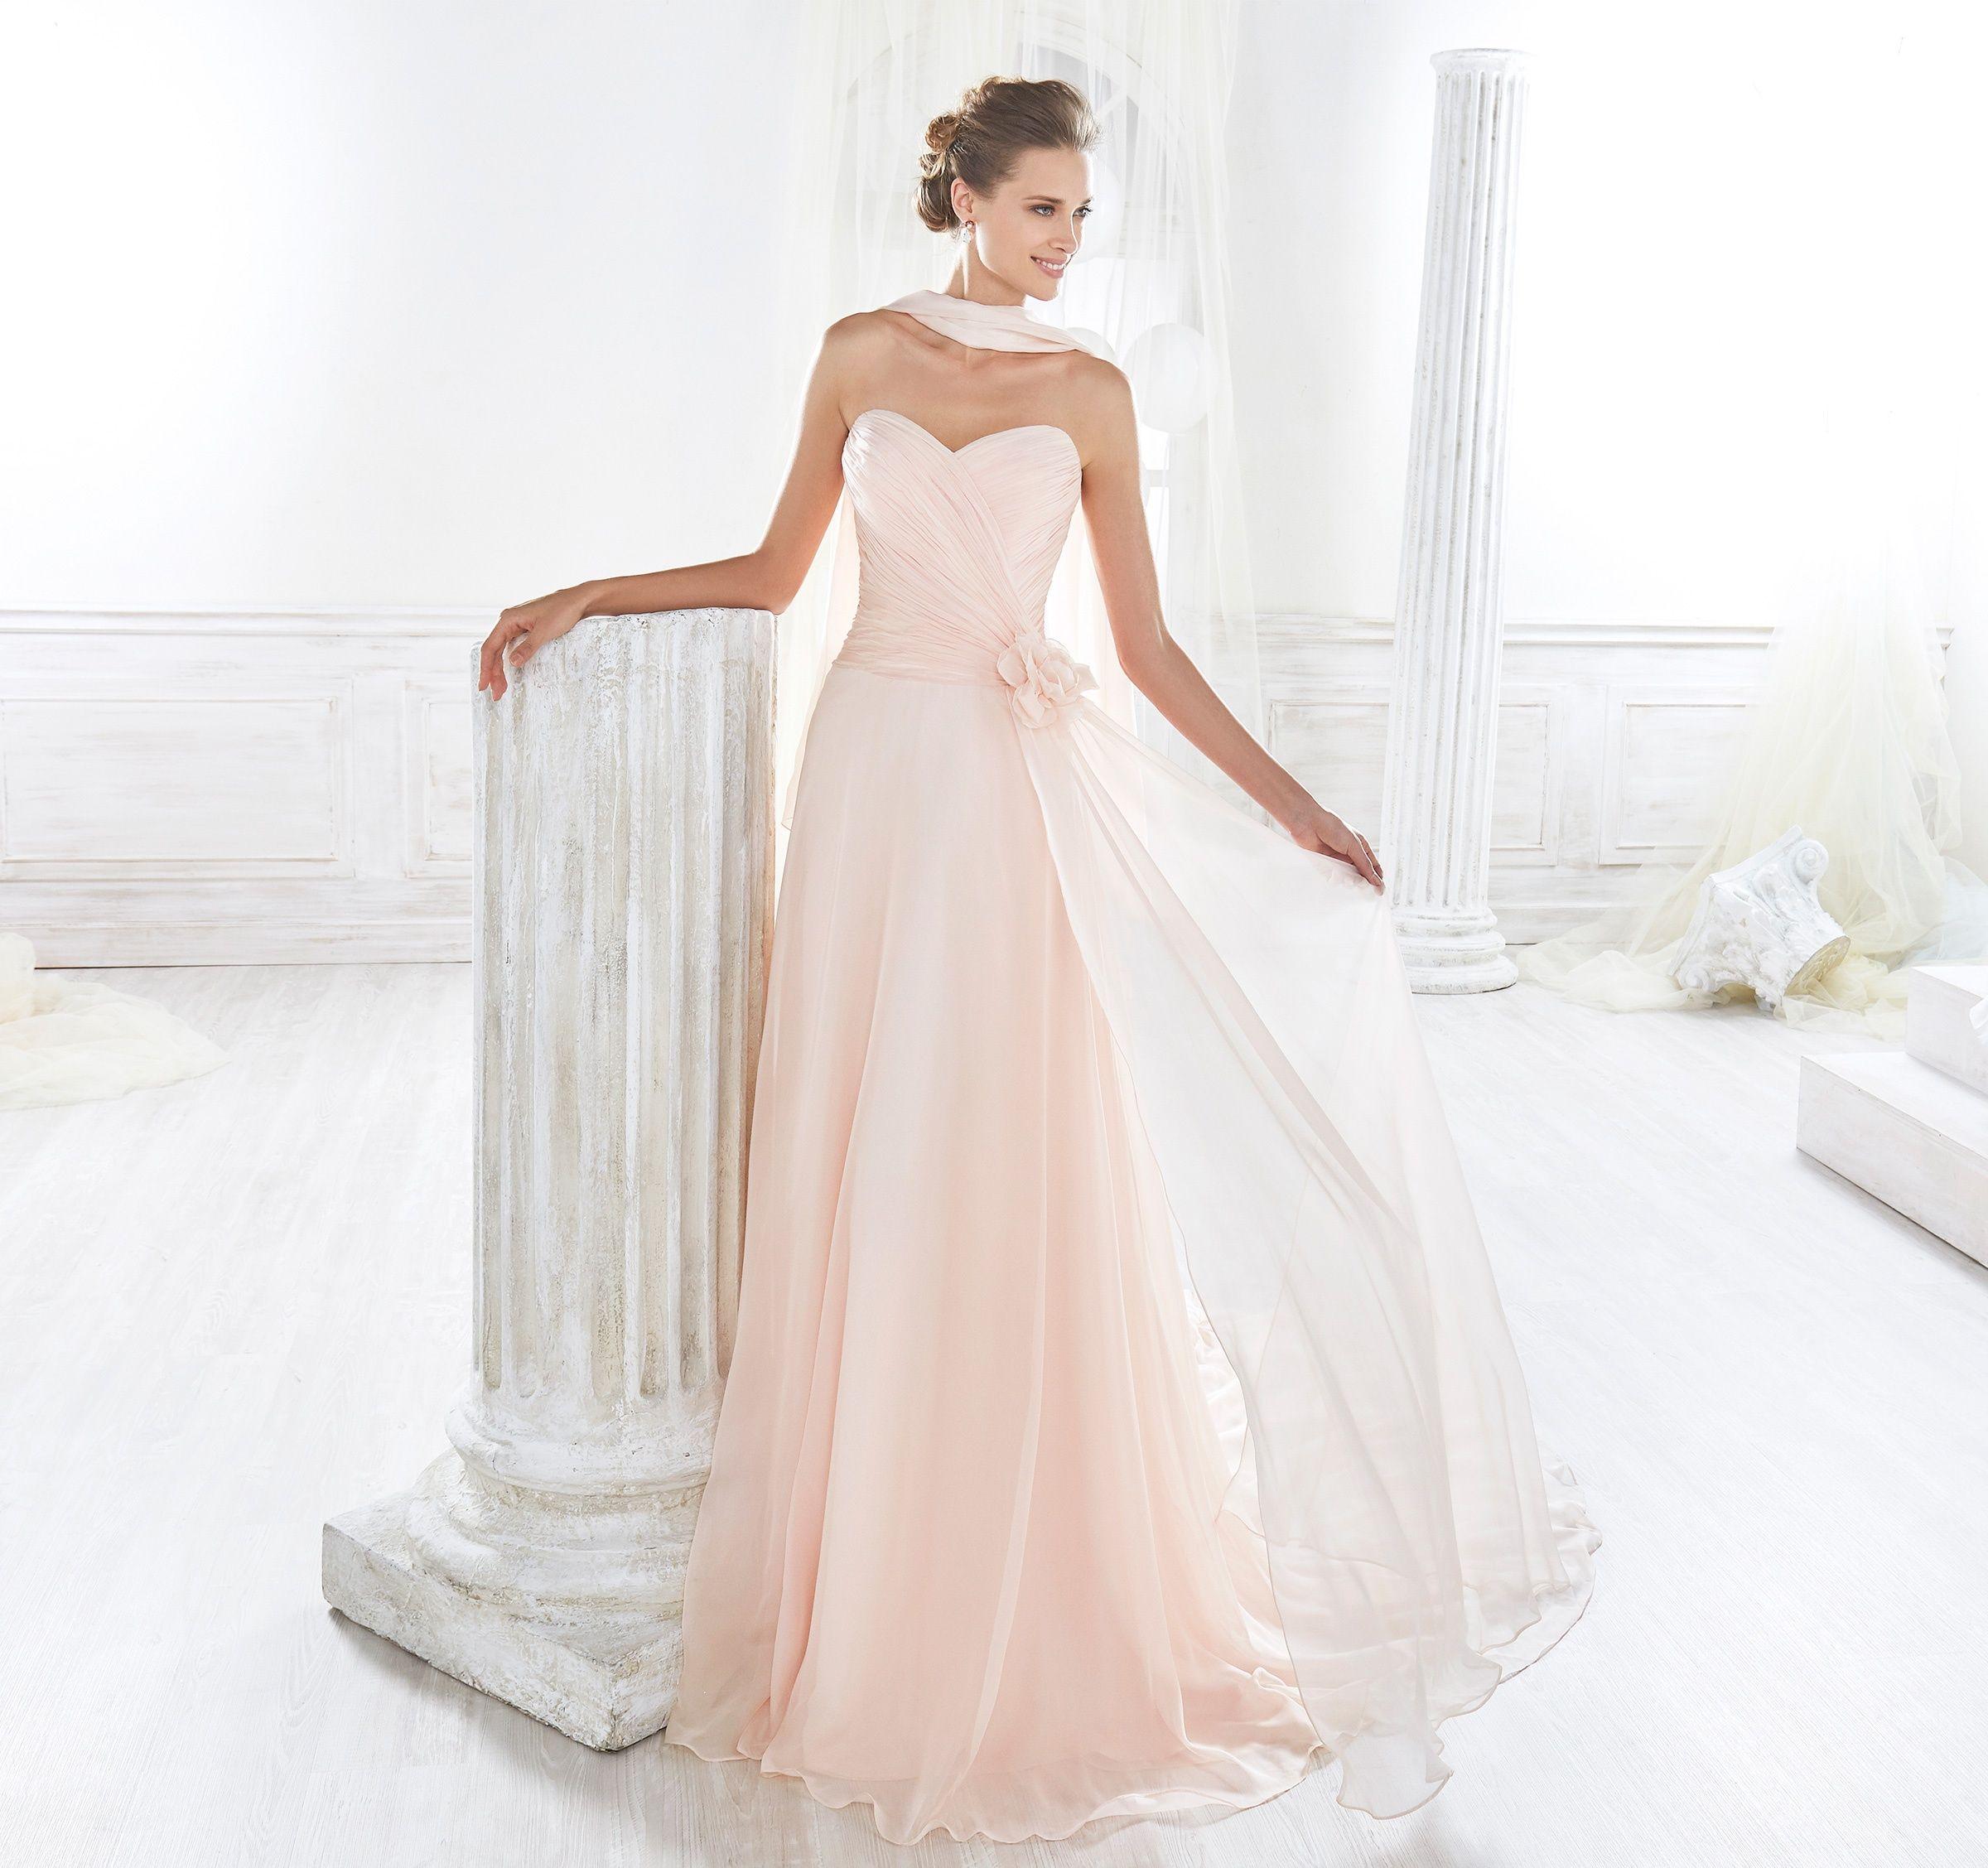 Vestiti Da Sposa Collezione 2018.Moda Sposa 2018 Collezione Nicole Niab18123 Abito Da Sposa